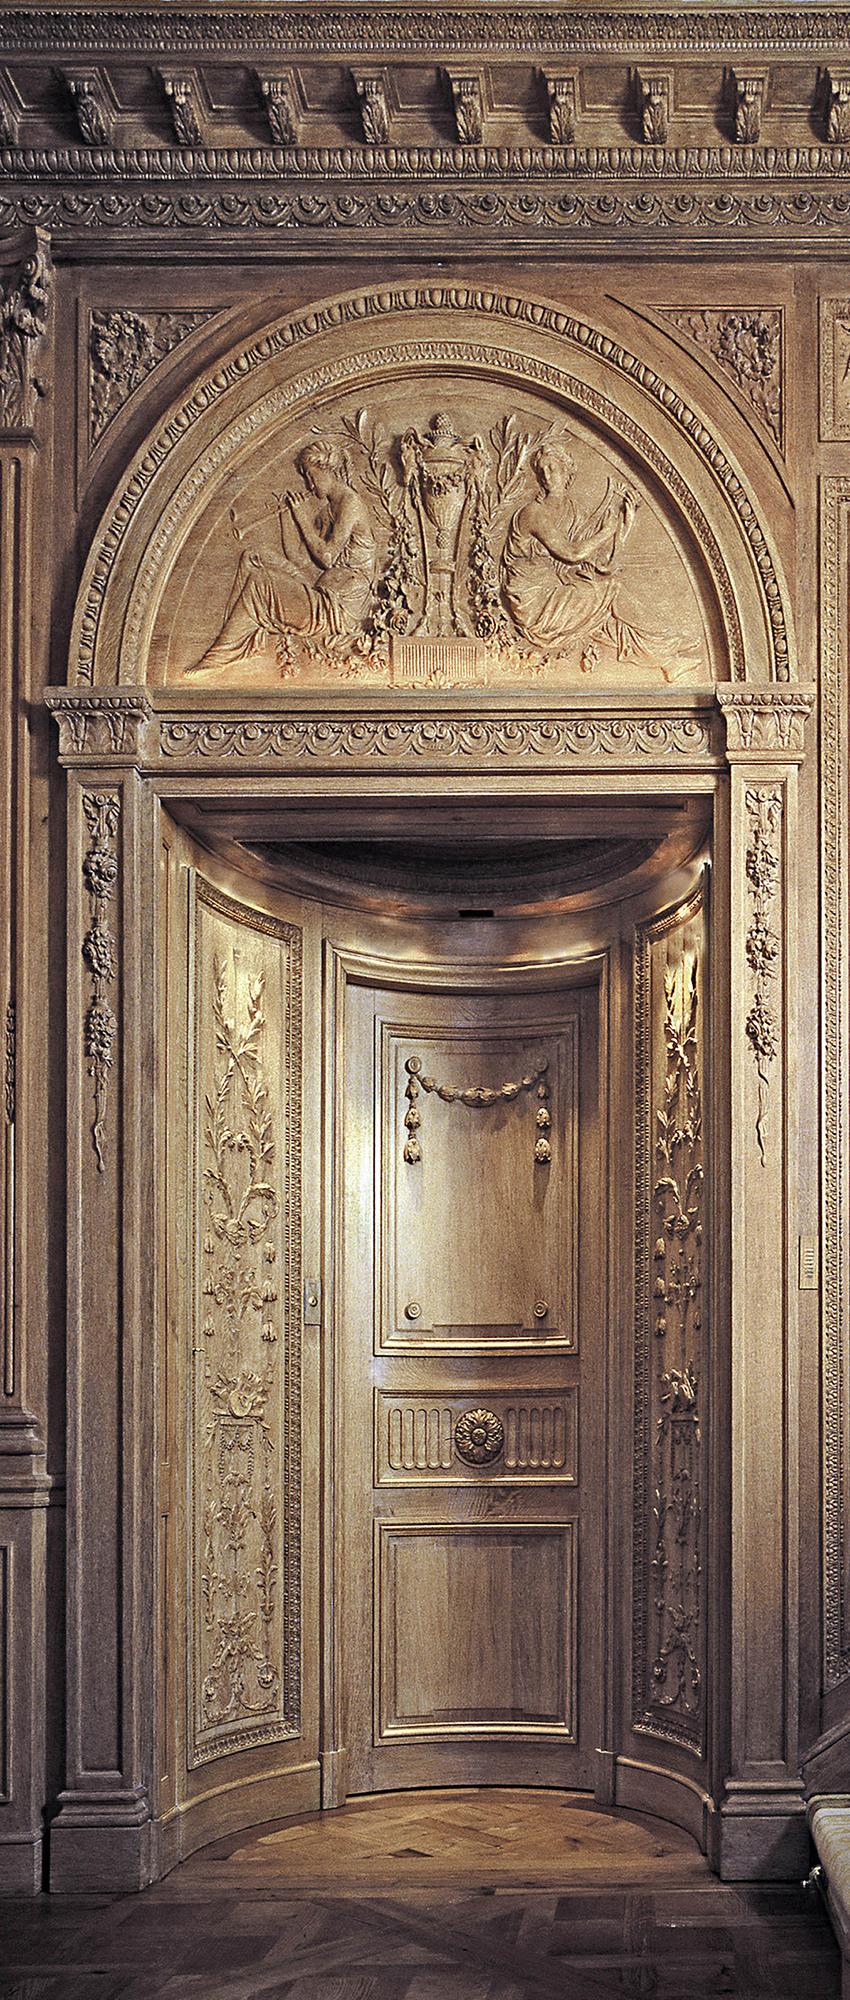 Panneaux et porte spectaculaires bois peint doré XVIIIe, collection Féau, origine Place Vendôme